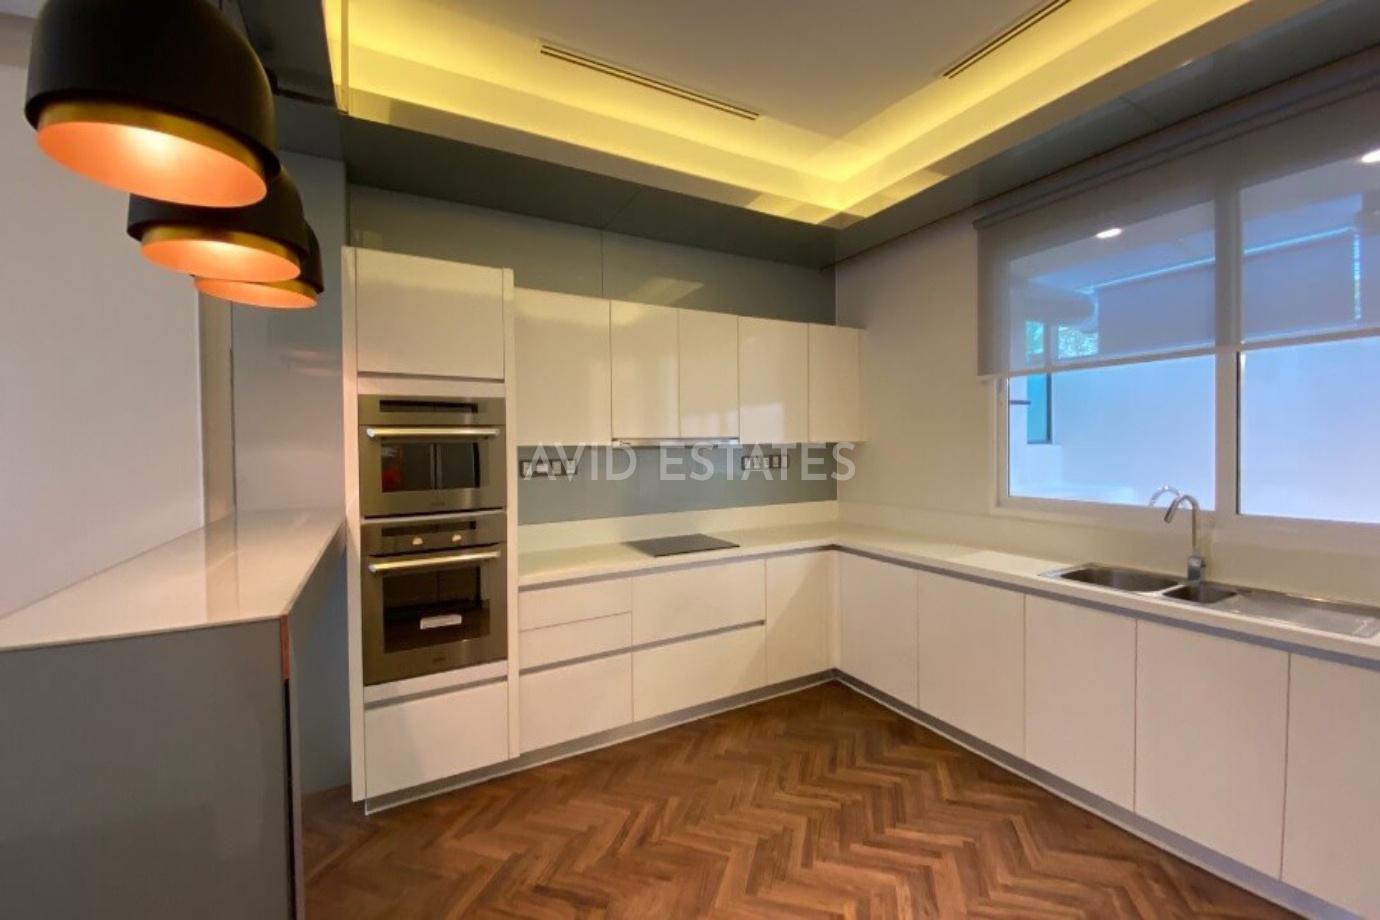 East Residence, KLGCC, Mont Kiara,Kuala Lumpur, 5 Bedrooms Bedrooms, ,7 BathroomsBathrooms,Terrace / Link,To Let,Mont Kiara,2147